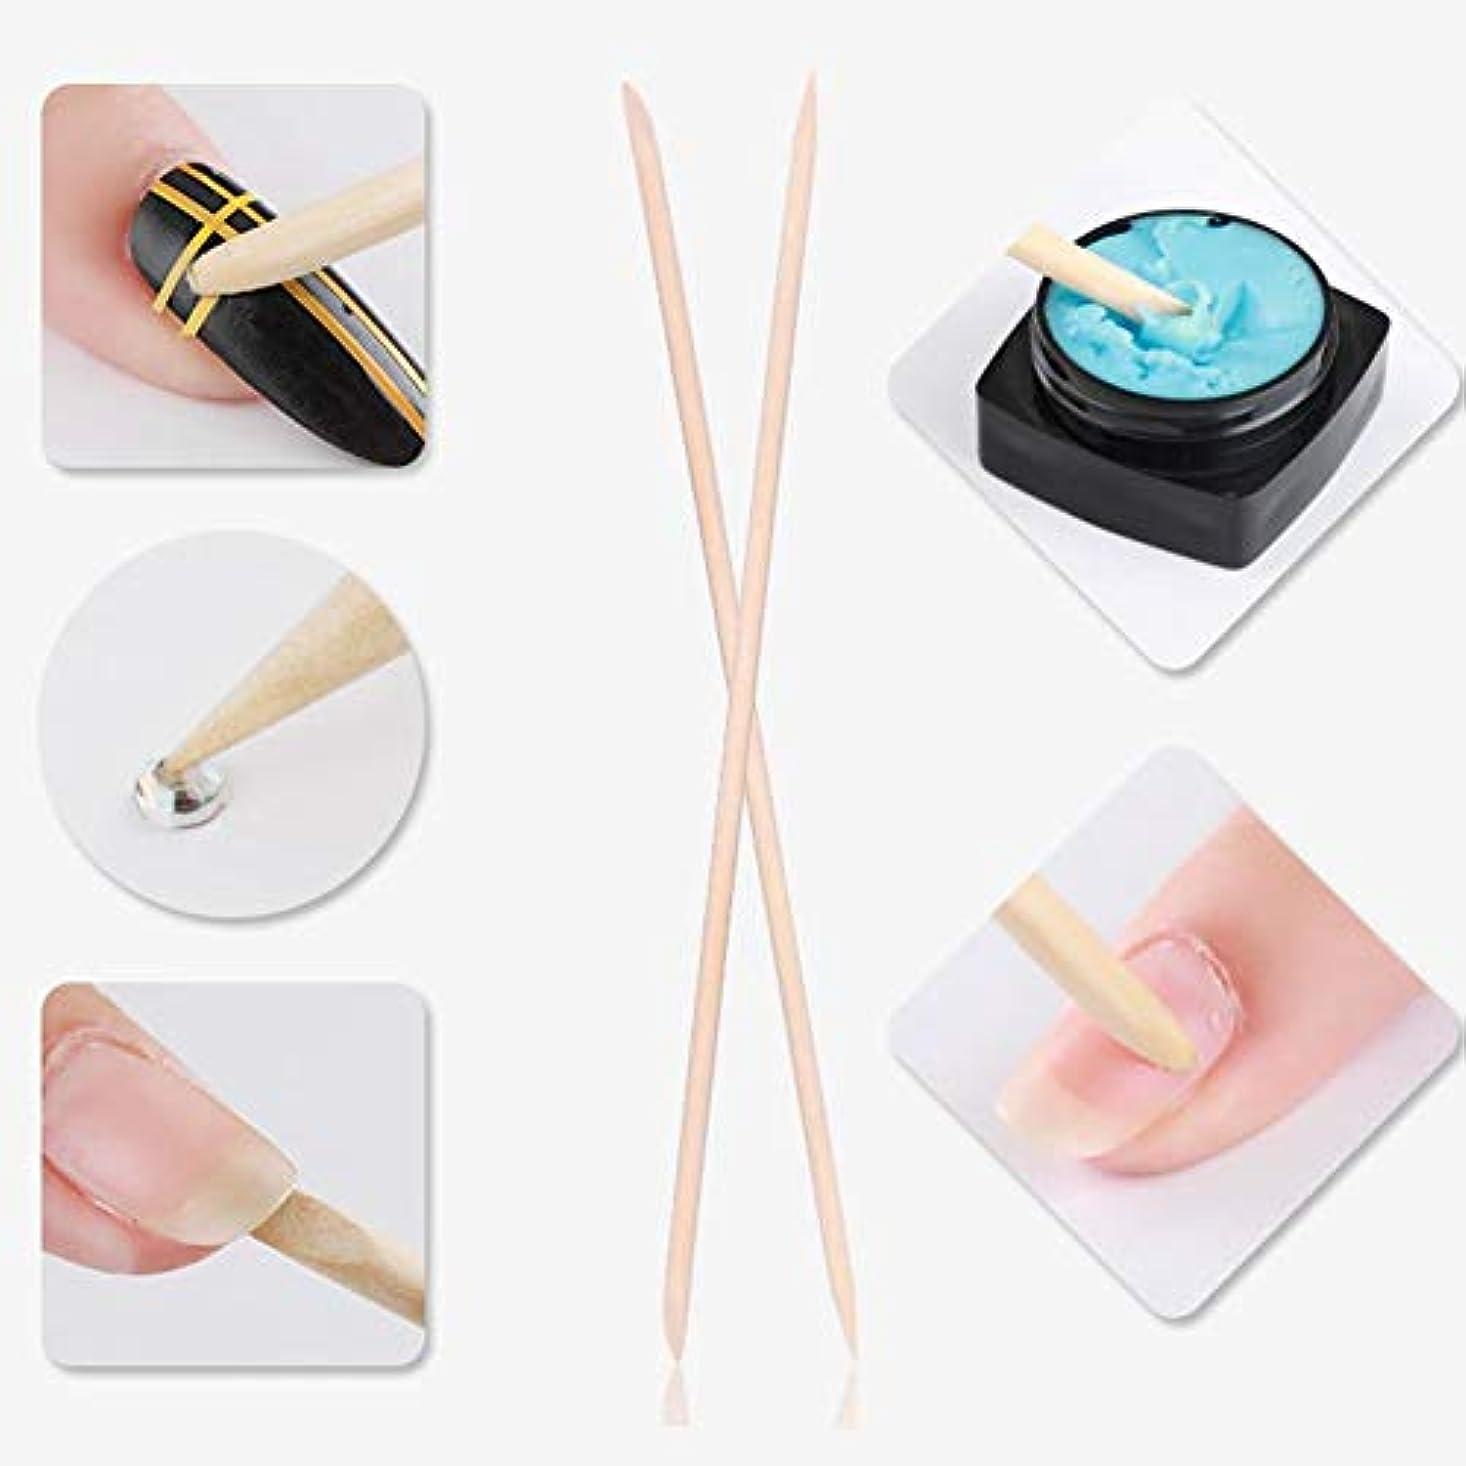 大気ビーズお風呂を持っているマニキュアペディキュア ネイルアートペイントパターン用 5本 ネイルキューティクルは木製スティック、ネイルキューティクルプッシャーを取り外します(1)